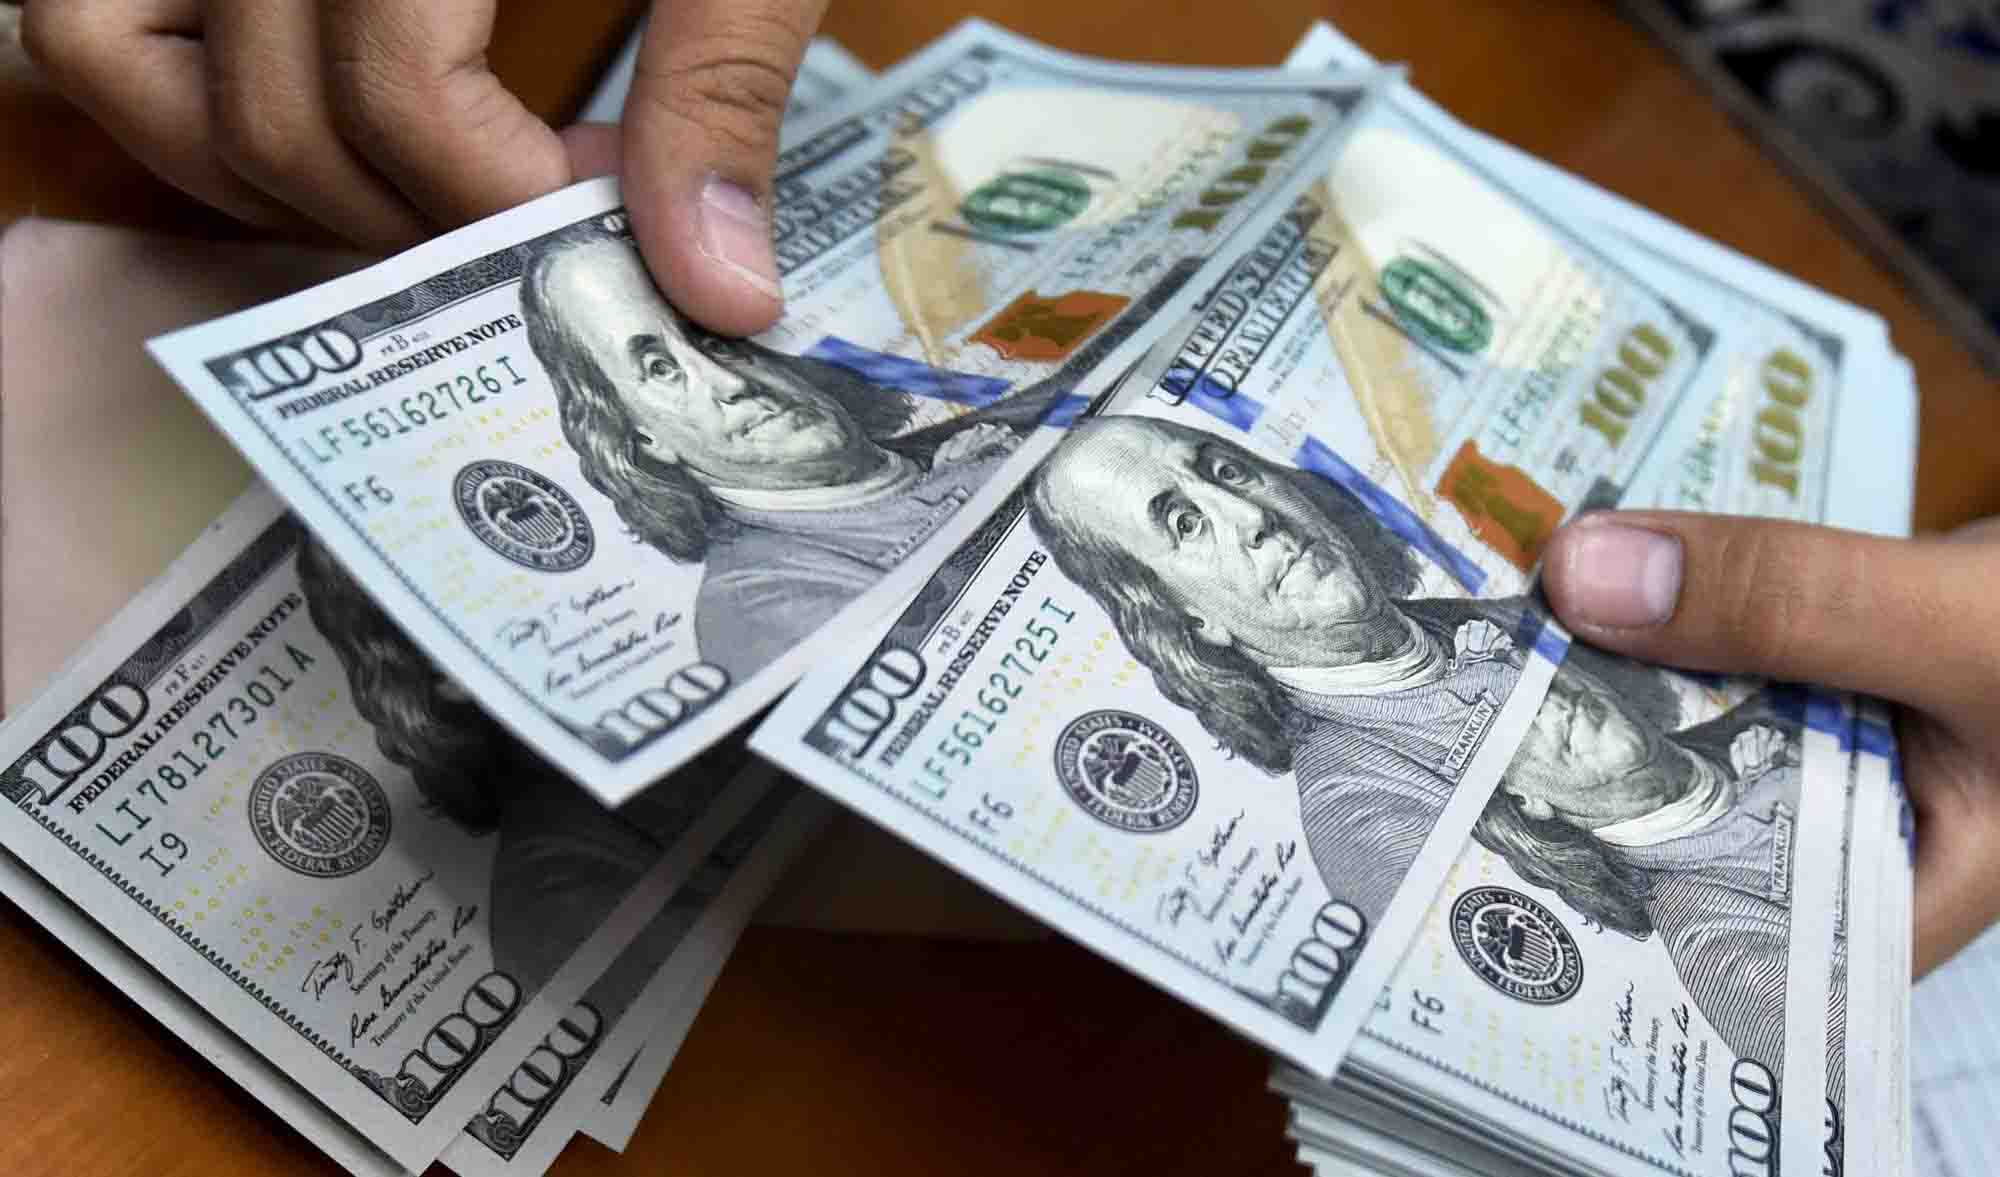 قیمت دلار آمریکا ۱ اسفند ۹۸ به ۱۴,۲۰۰ تومان رسید